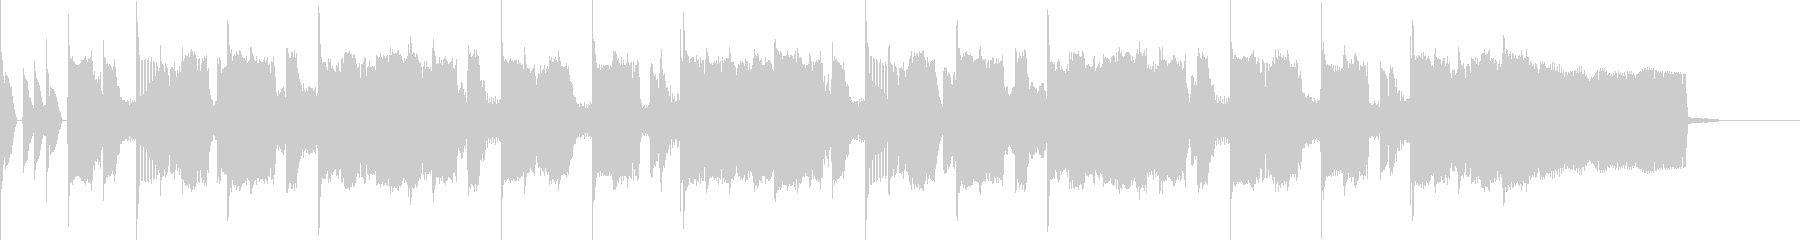 30秒CMおちついた雰囲気のギターの未再生の波形